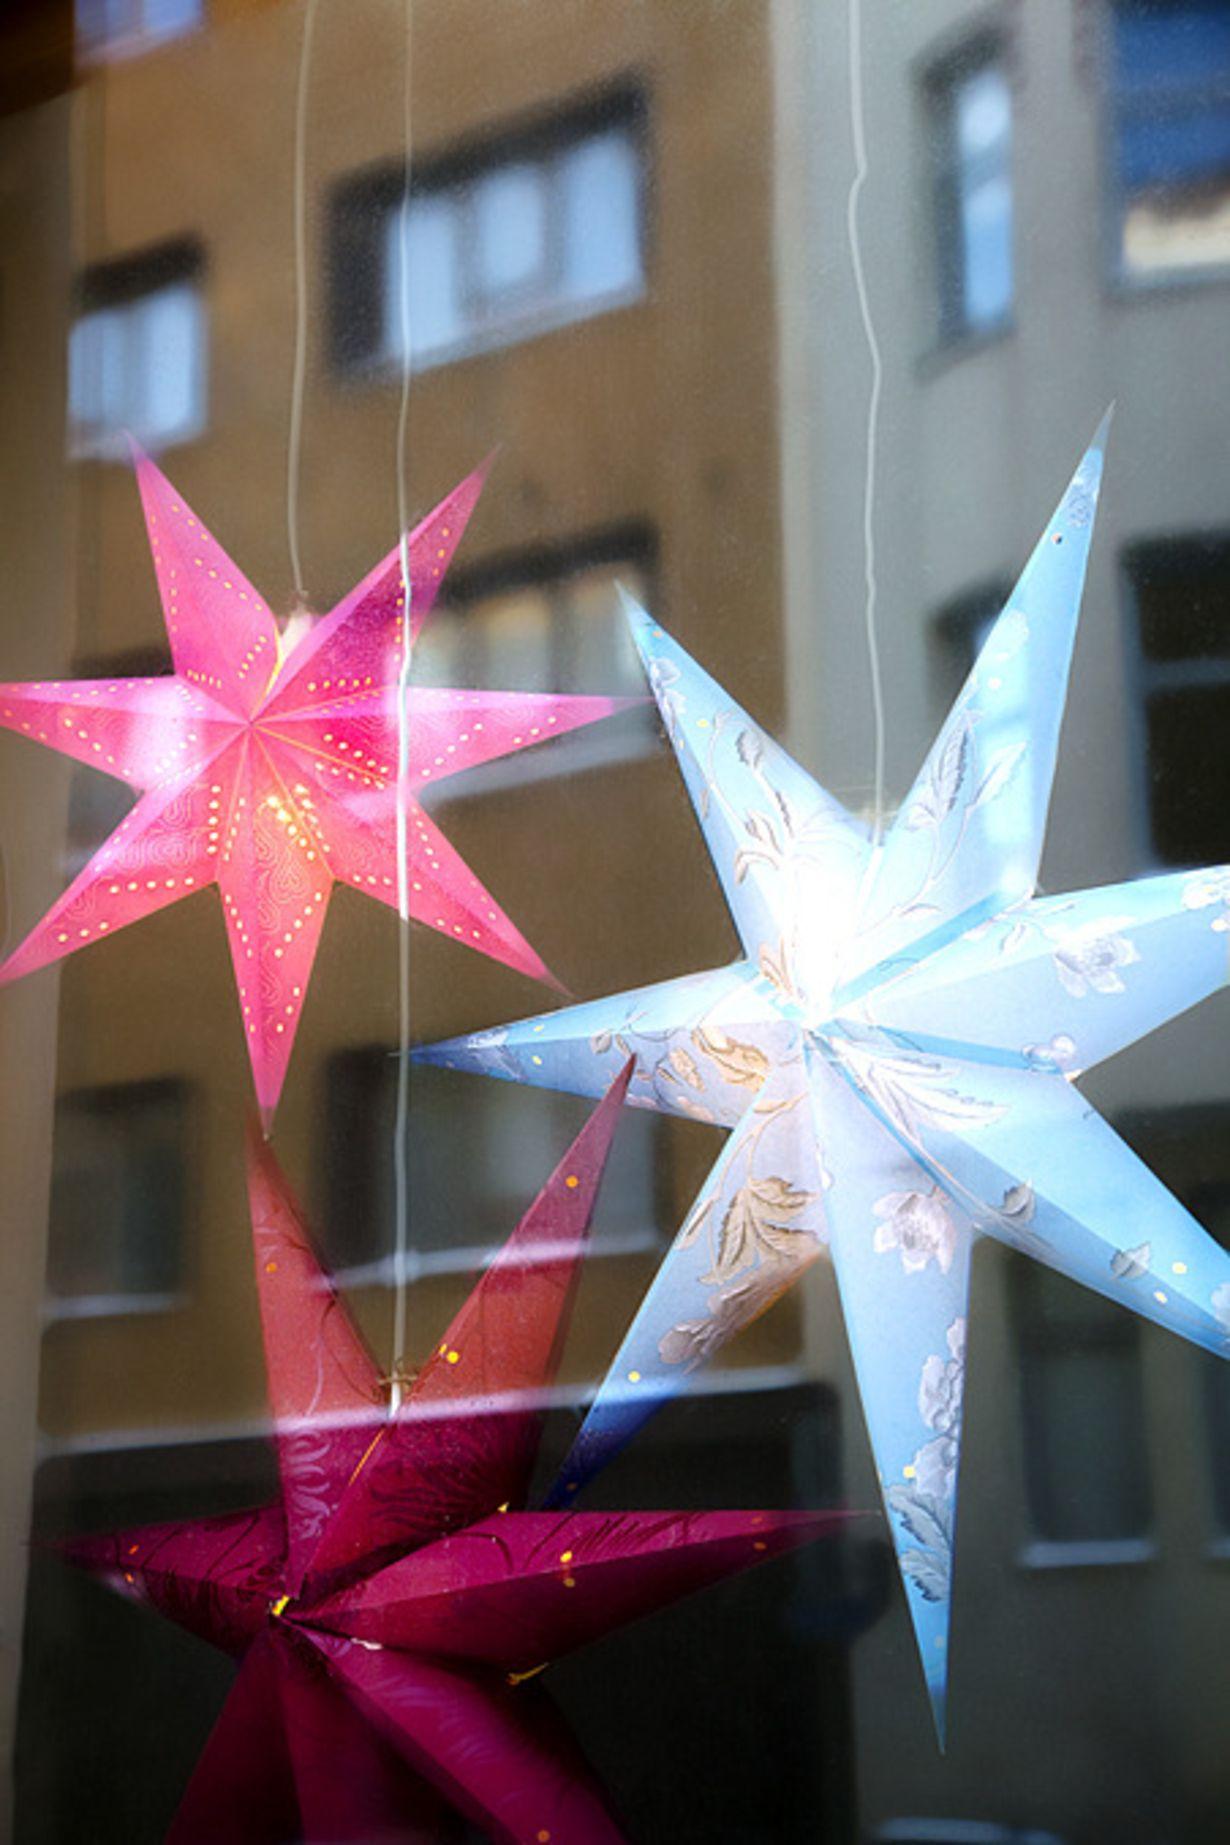 Tähti ikkunassa tuo joulun tunnelmaa. Tarvitset vain kaunista tapettia ja hiukan aikaa.